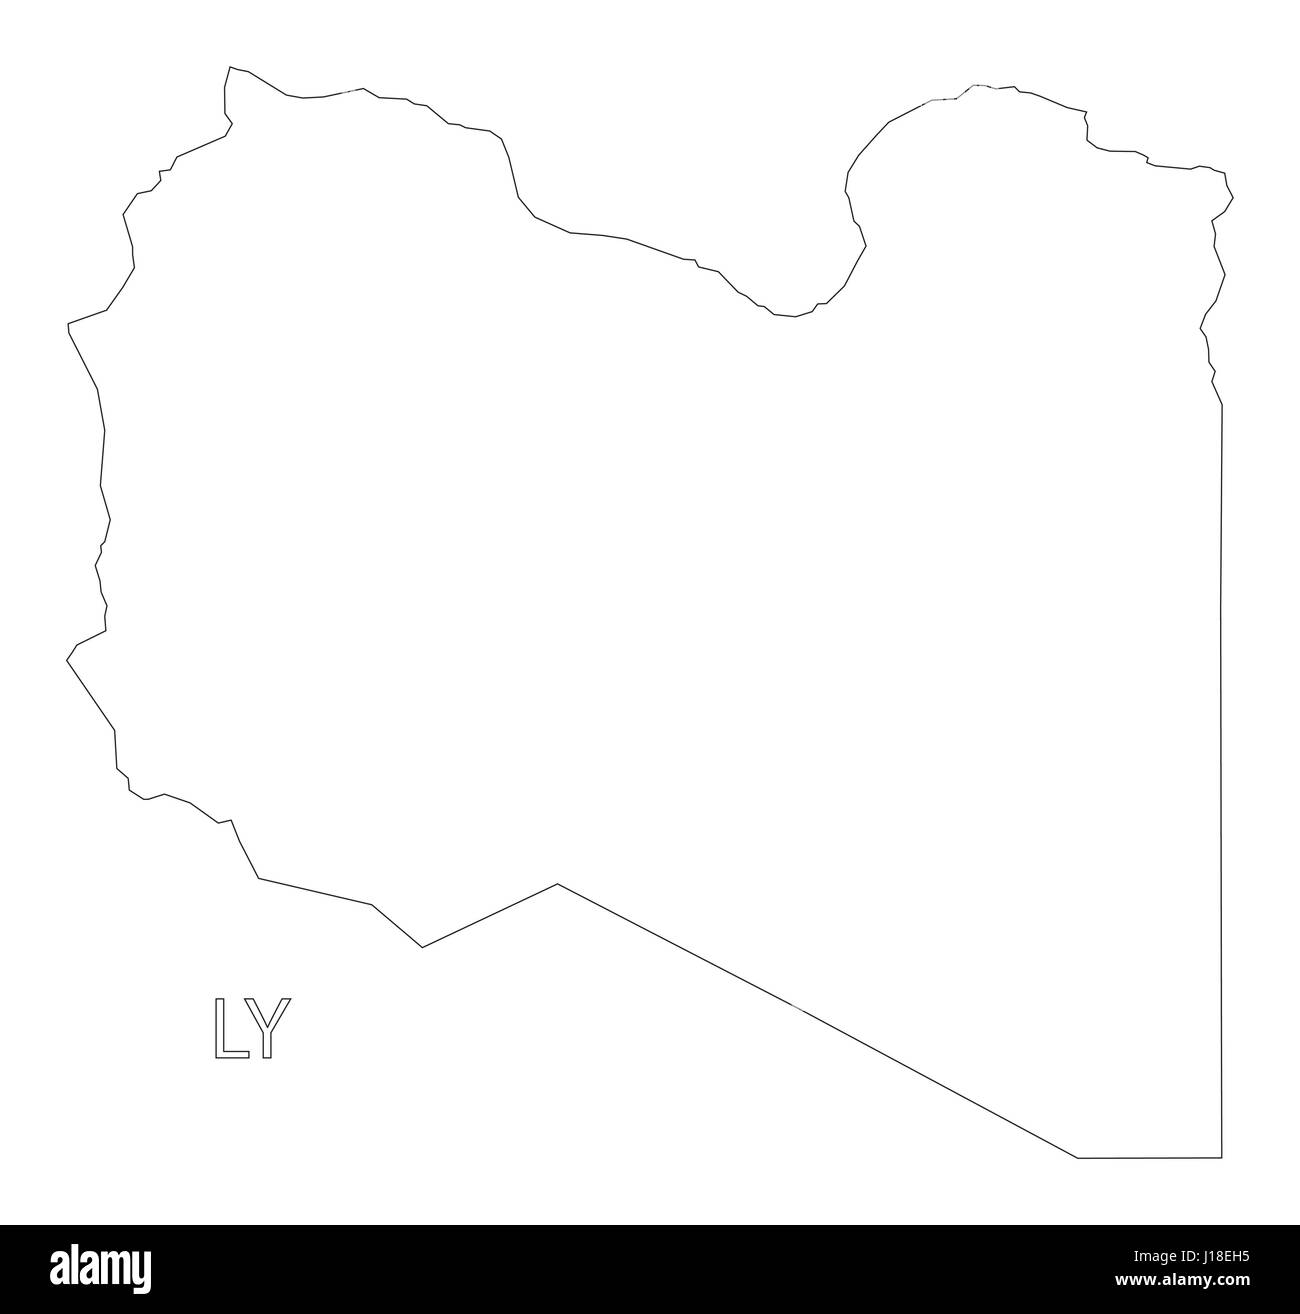 Libya Outline Silhouette Map Illustration Stock Vector Art - Libya blank map